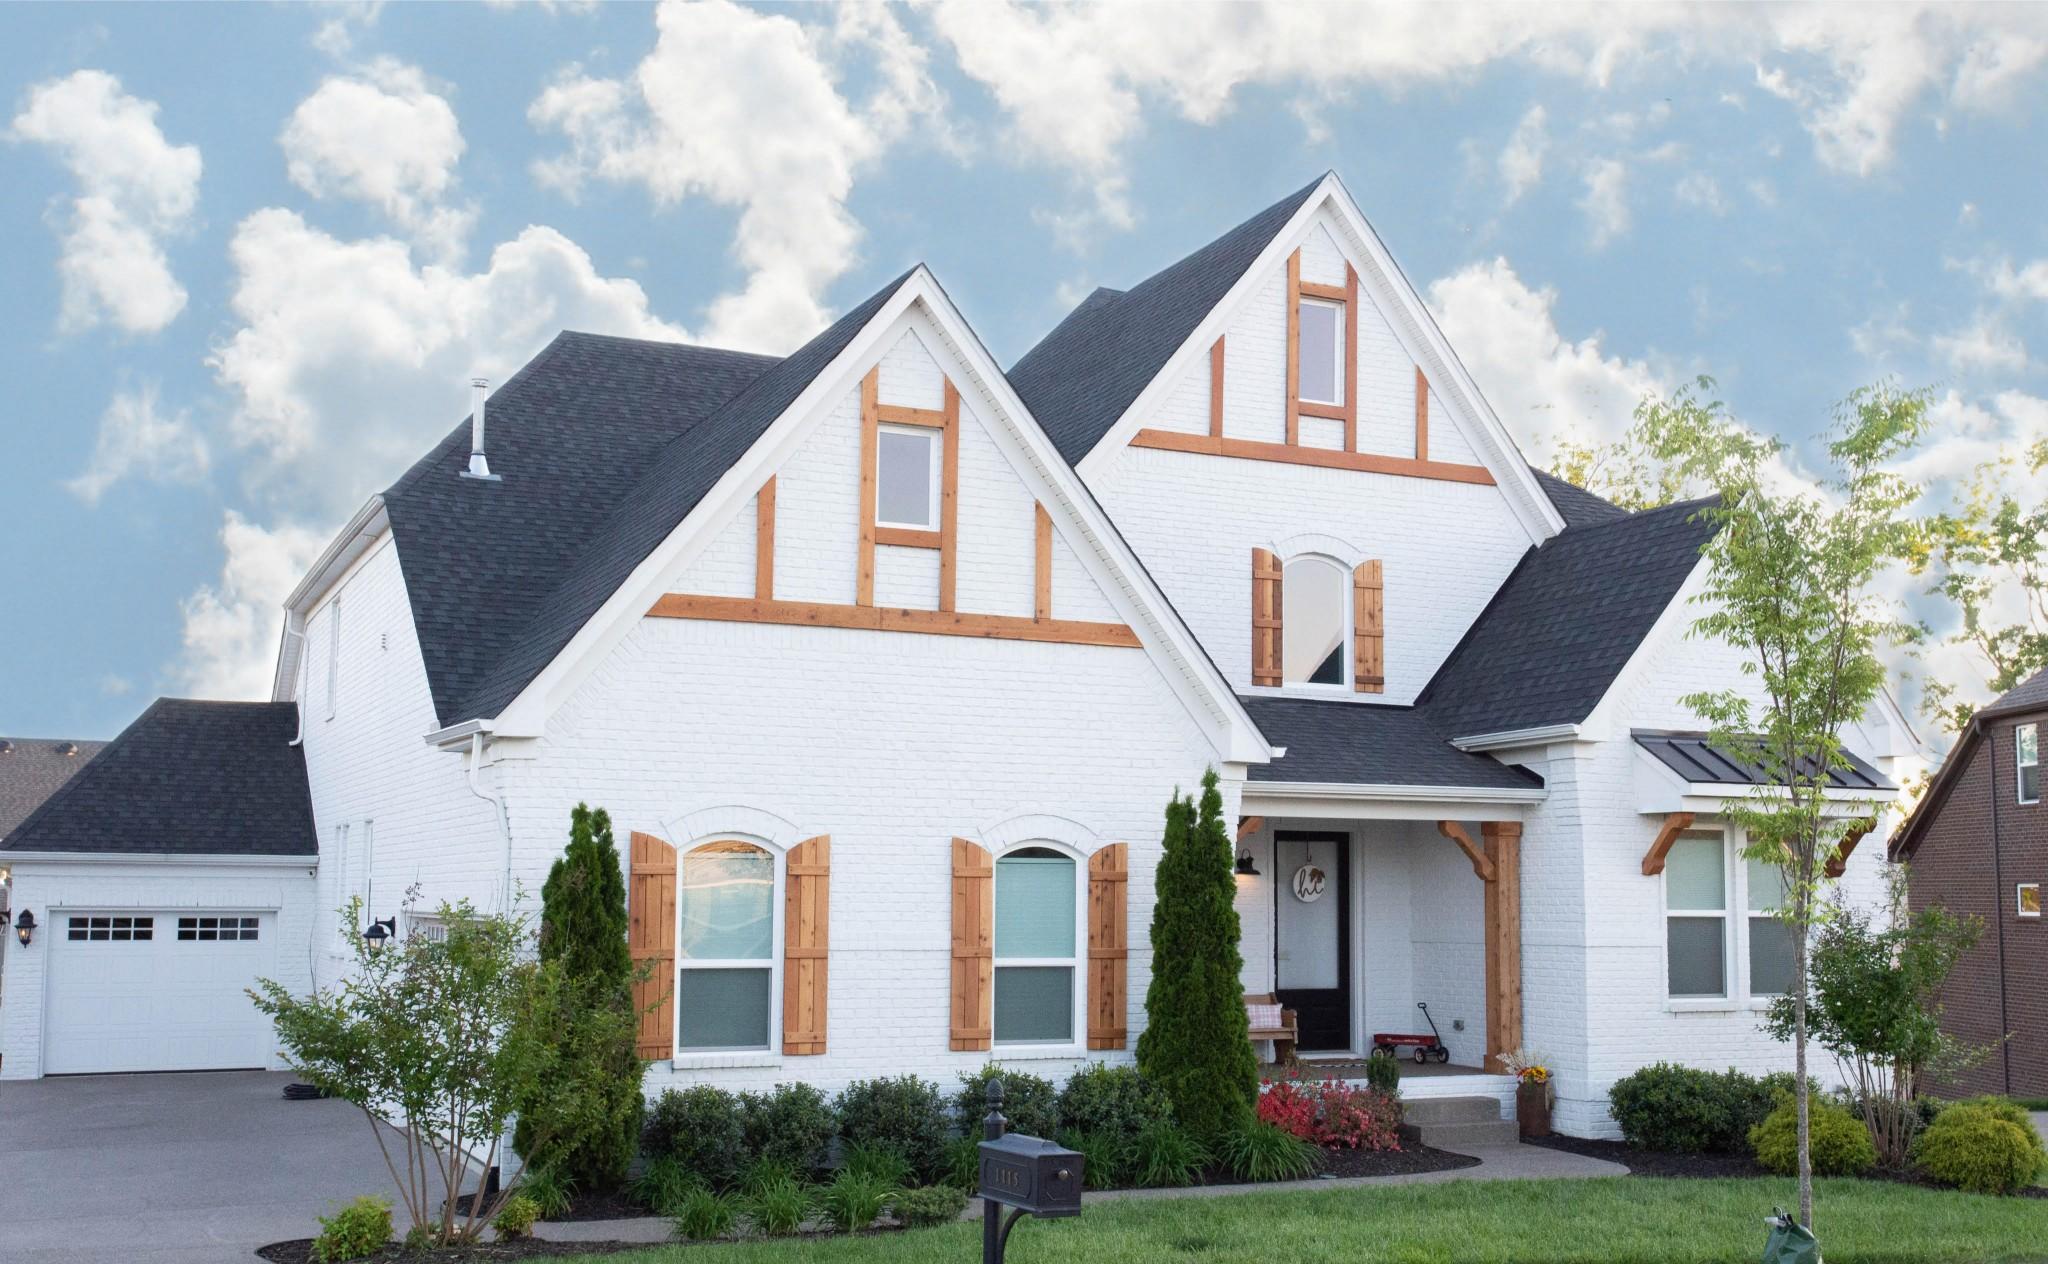 1115 Eckerton Dr Property Photo 1